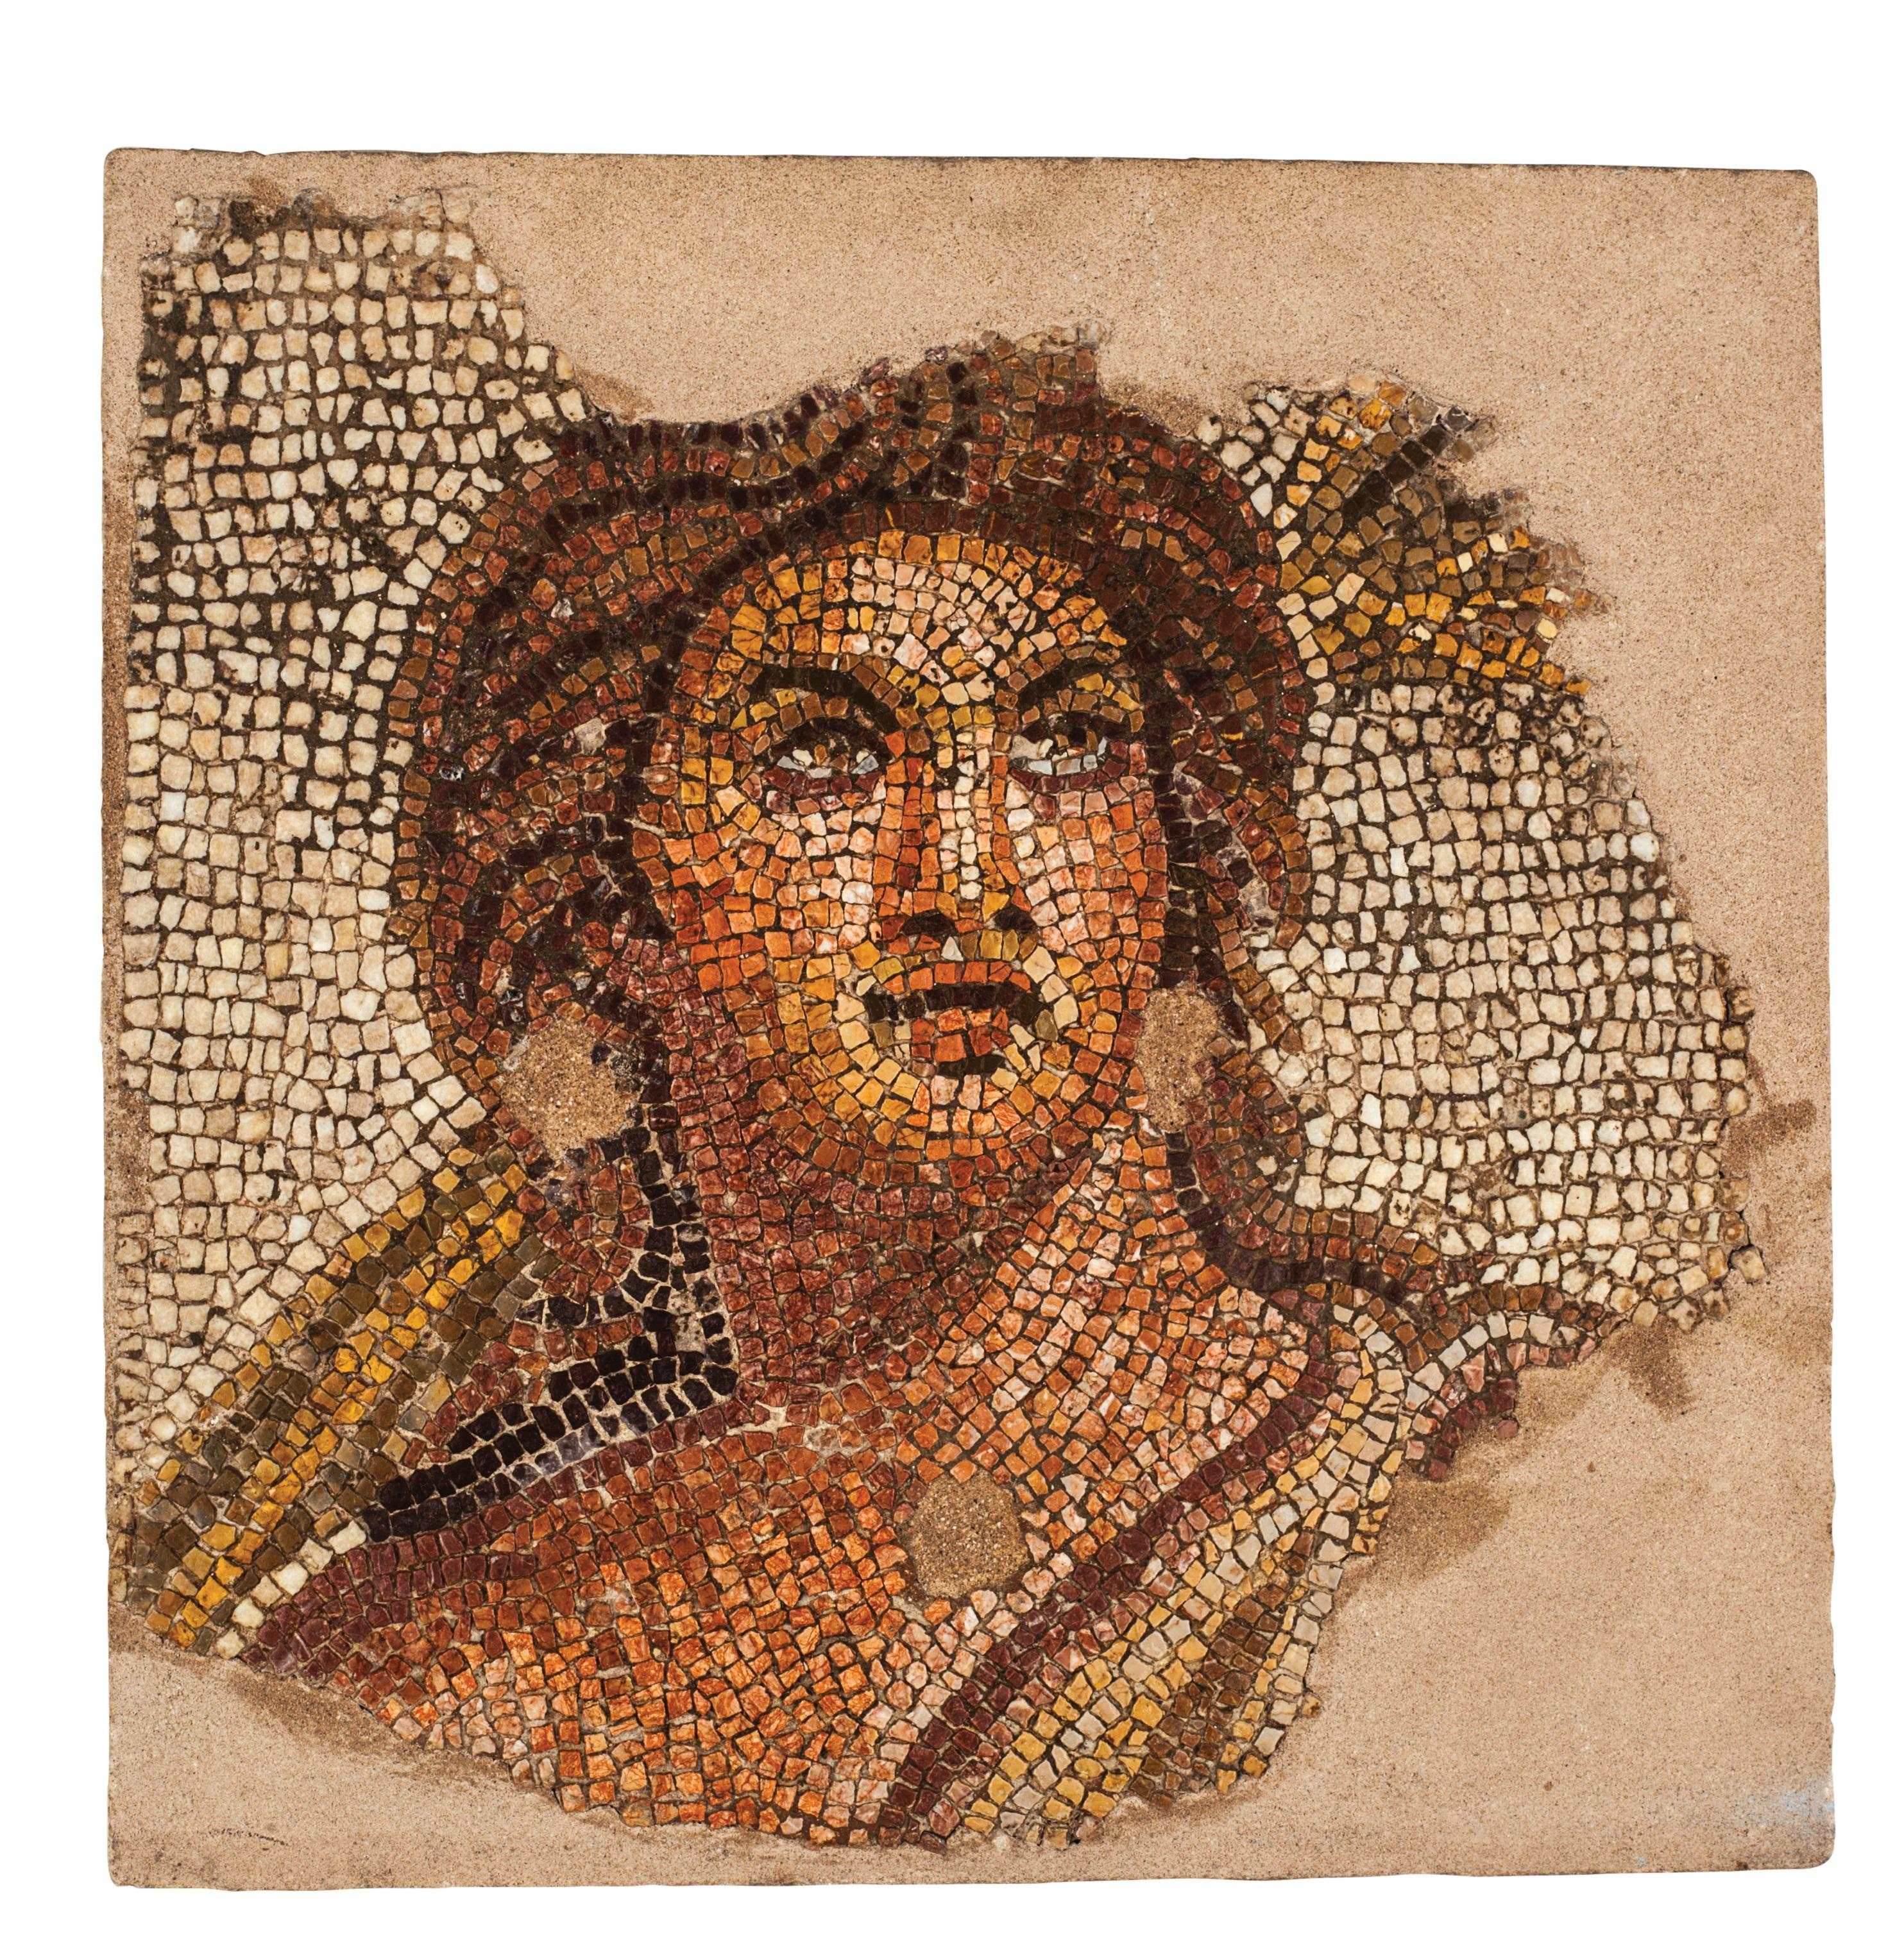 pos-apeikonizan-oi-archaioi-makedones-tis-tesseris-epoches-eikones3